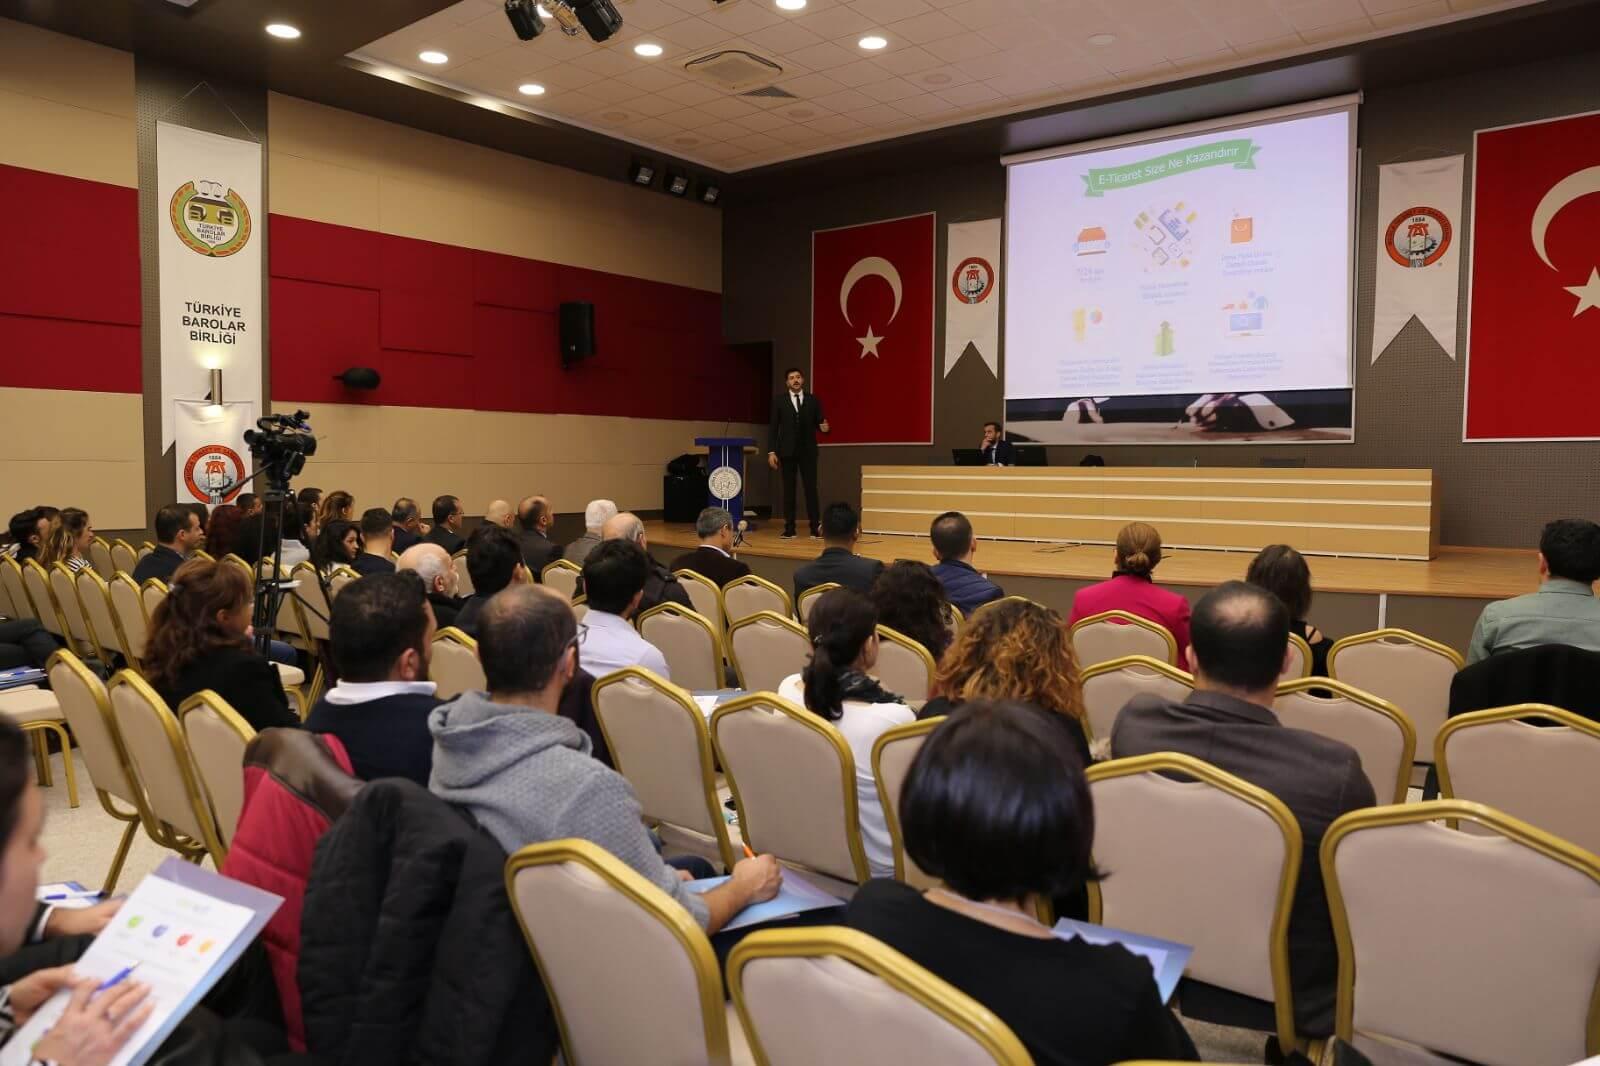 Muğlalı KOBİ'ler E-Ticaret Farkındalık Zirvesi'nde Buluştu